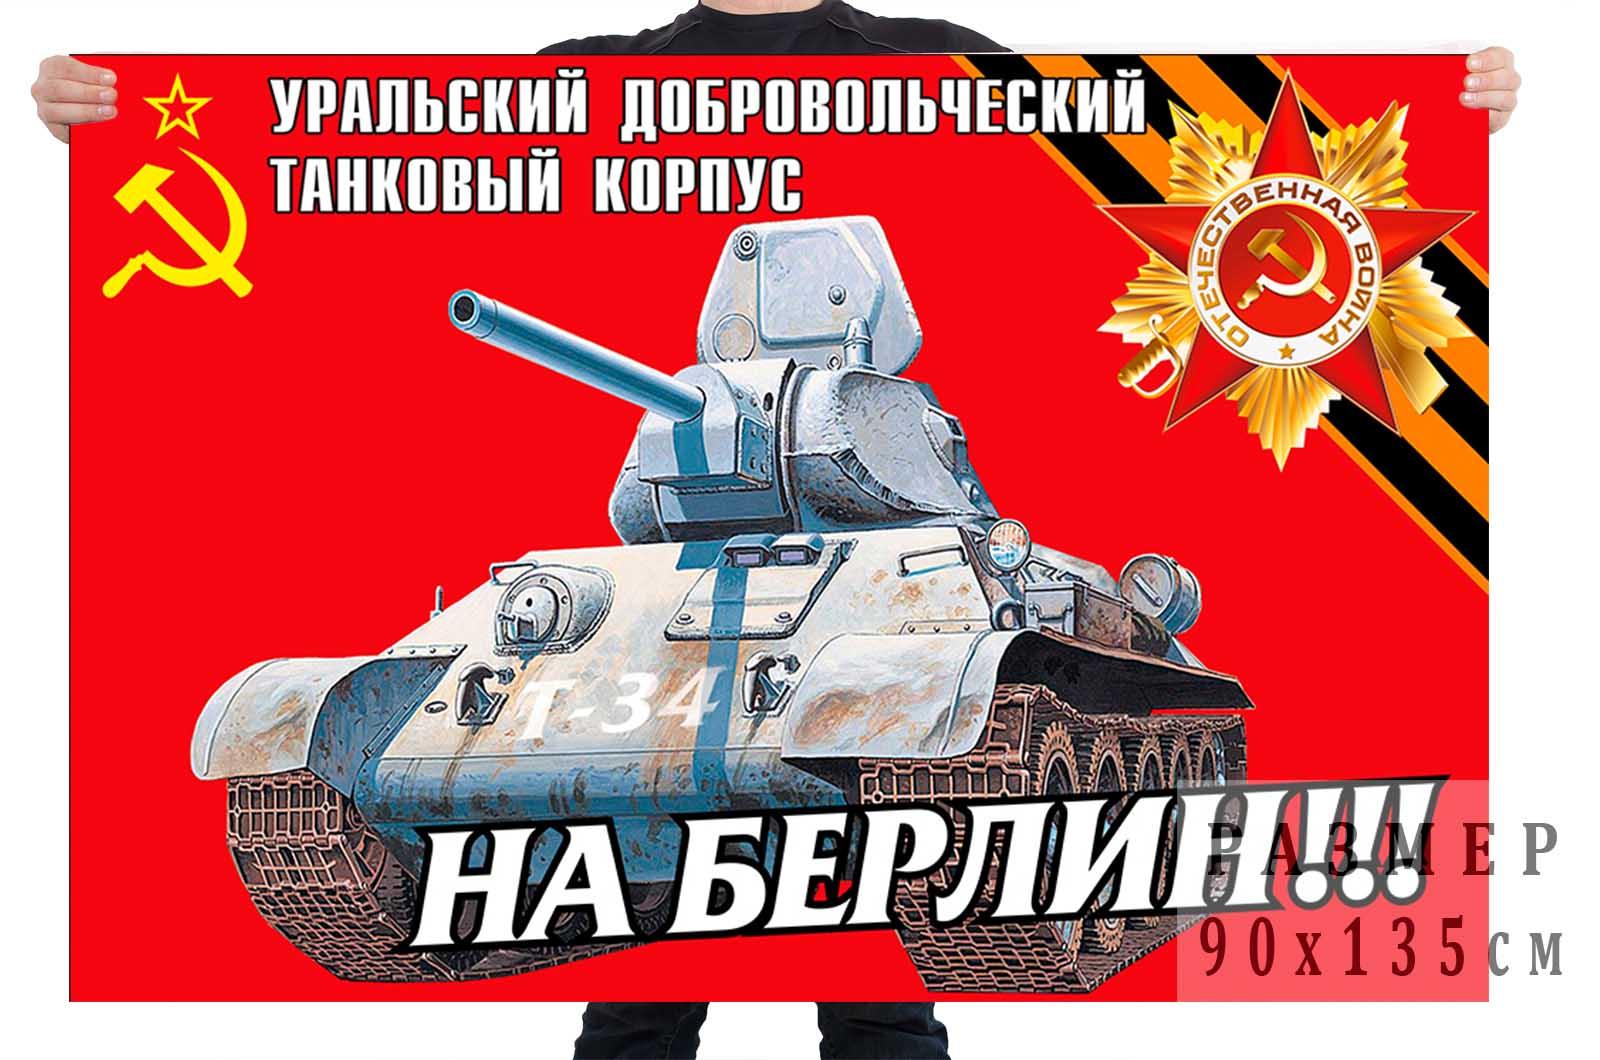 Флаг Уральского добровольческого танкового корпуса